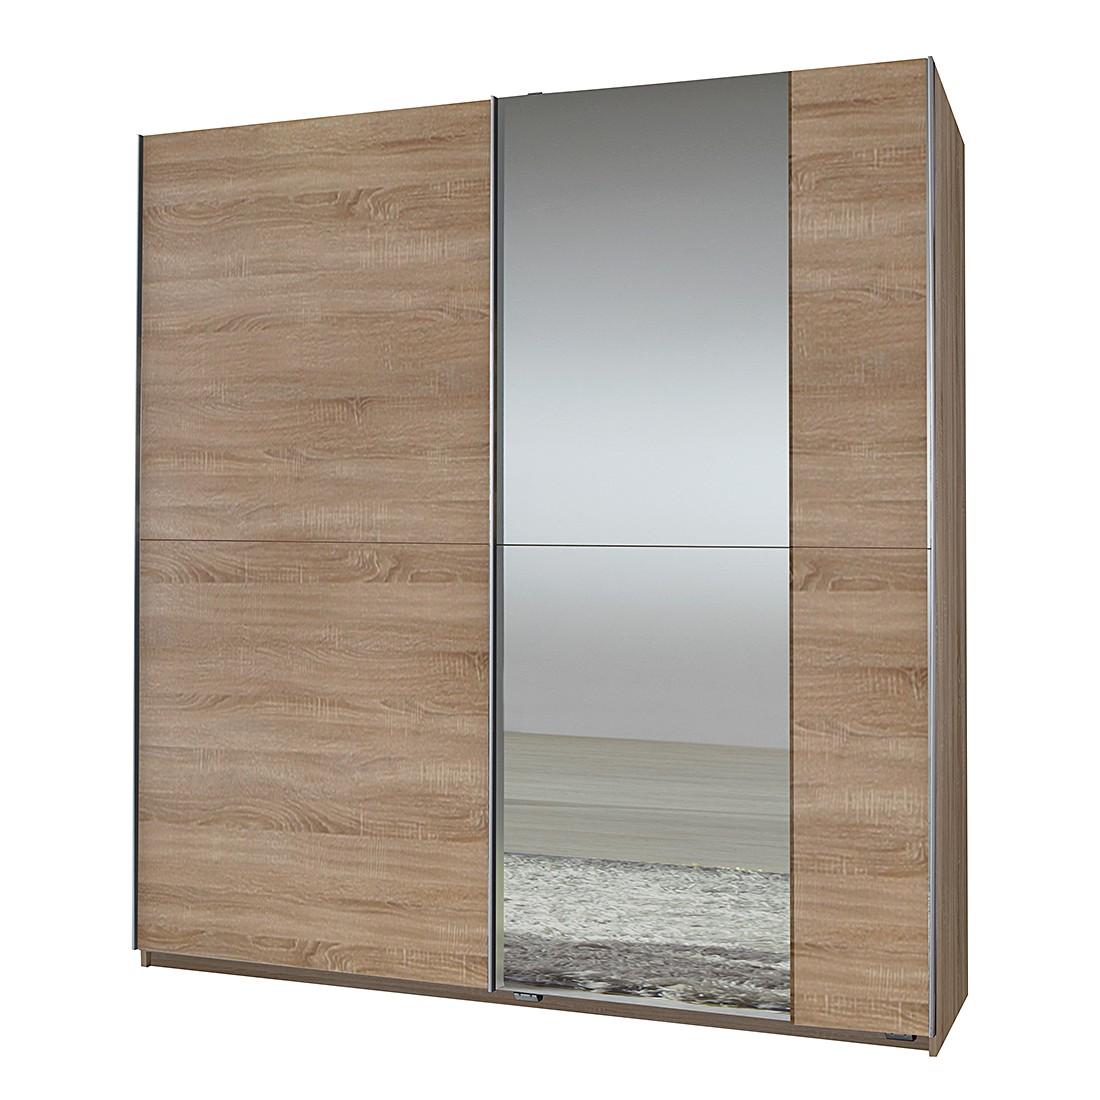 Schwebetürenschrank Fashion Star - Eiche sägerau - Spiegel (Schwebetürenschrank Fashion Star - mit einer Spiegelfront - Eiche sägerau)